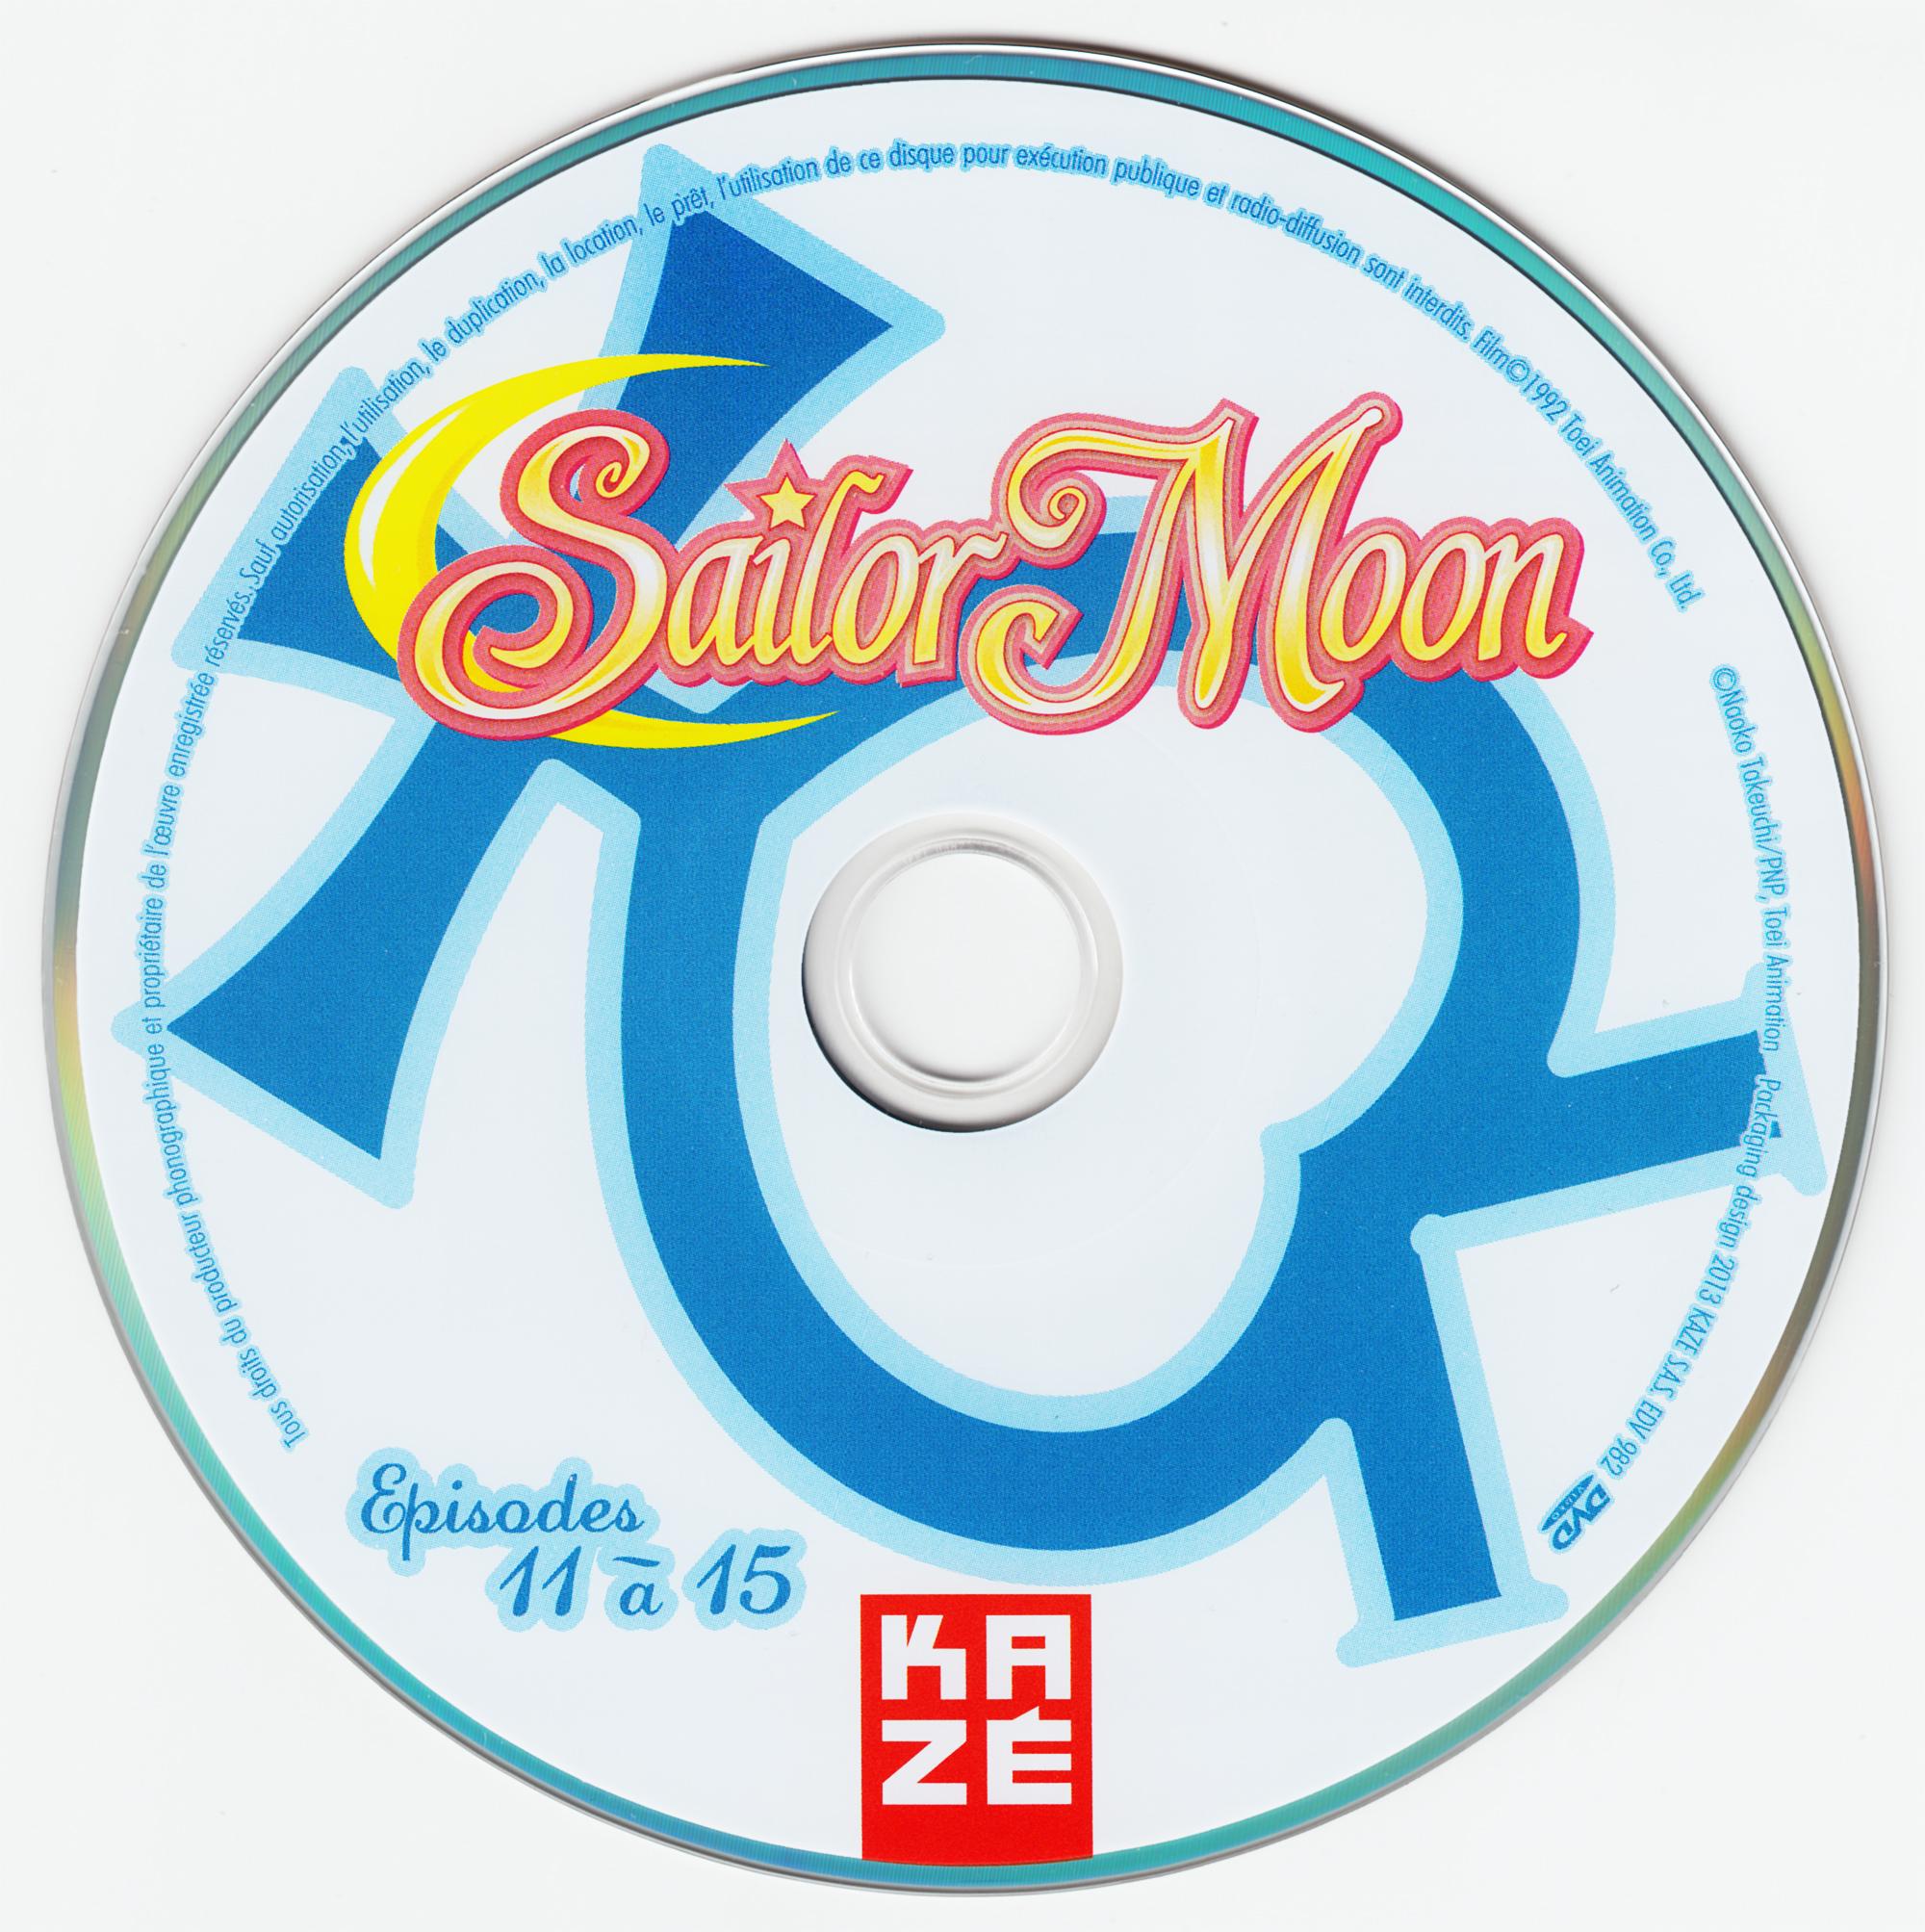 Sailor-moon-french-dvd-boxset-17